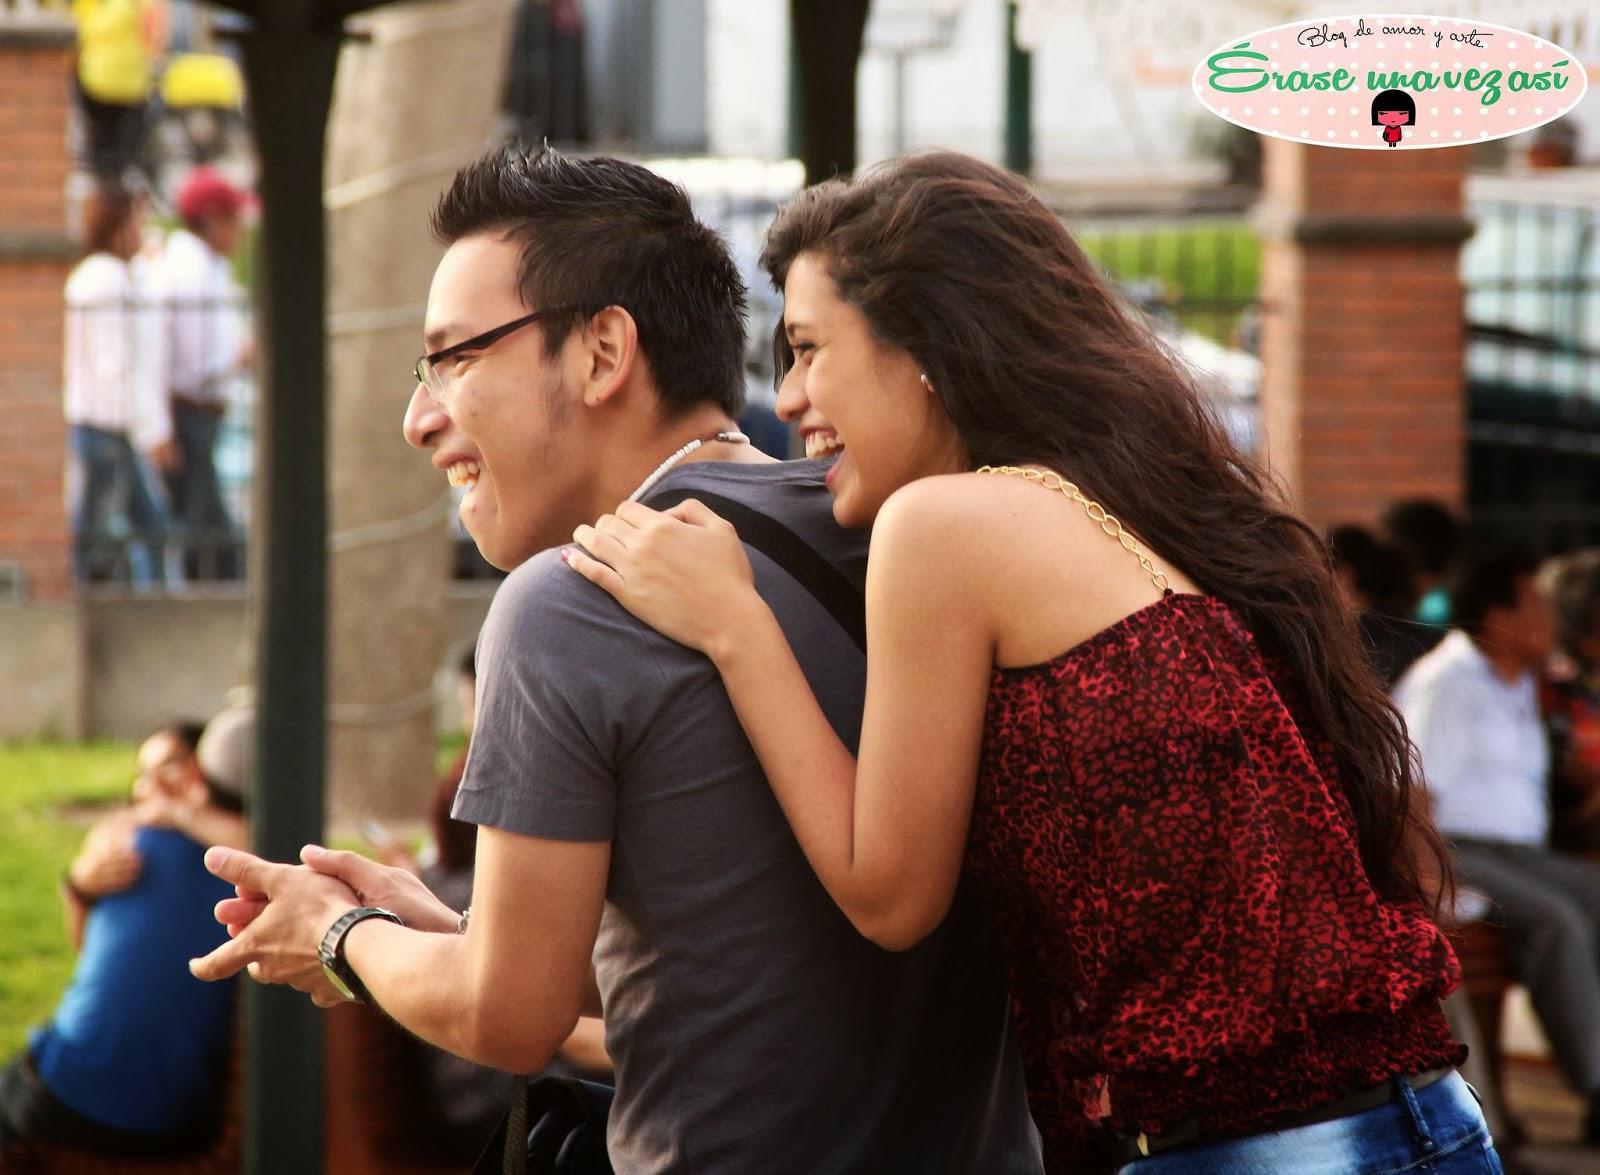 fotos espontaneas, frase de amor, fotos de parejas felices